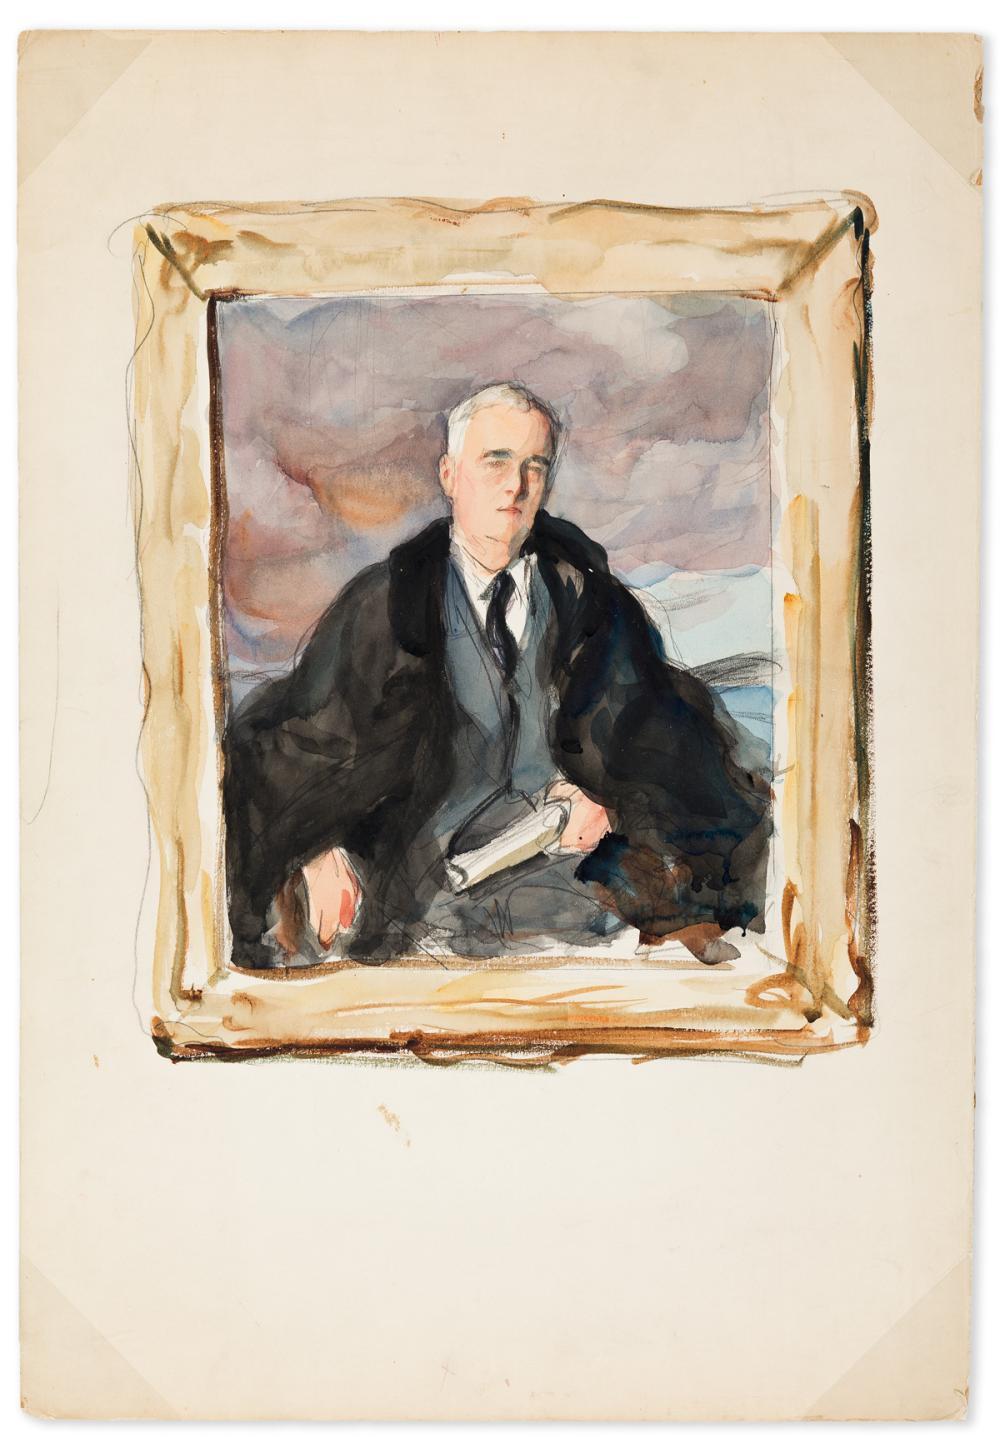 Unfinished Portrait Of Franklin D Roosevelt : unfinished, portrait, franklin, roosevelt, Elizabeth, Shoumatoff, Artwork, Online, Auction, Biography